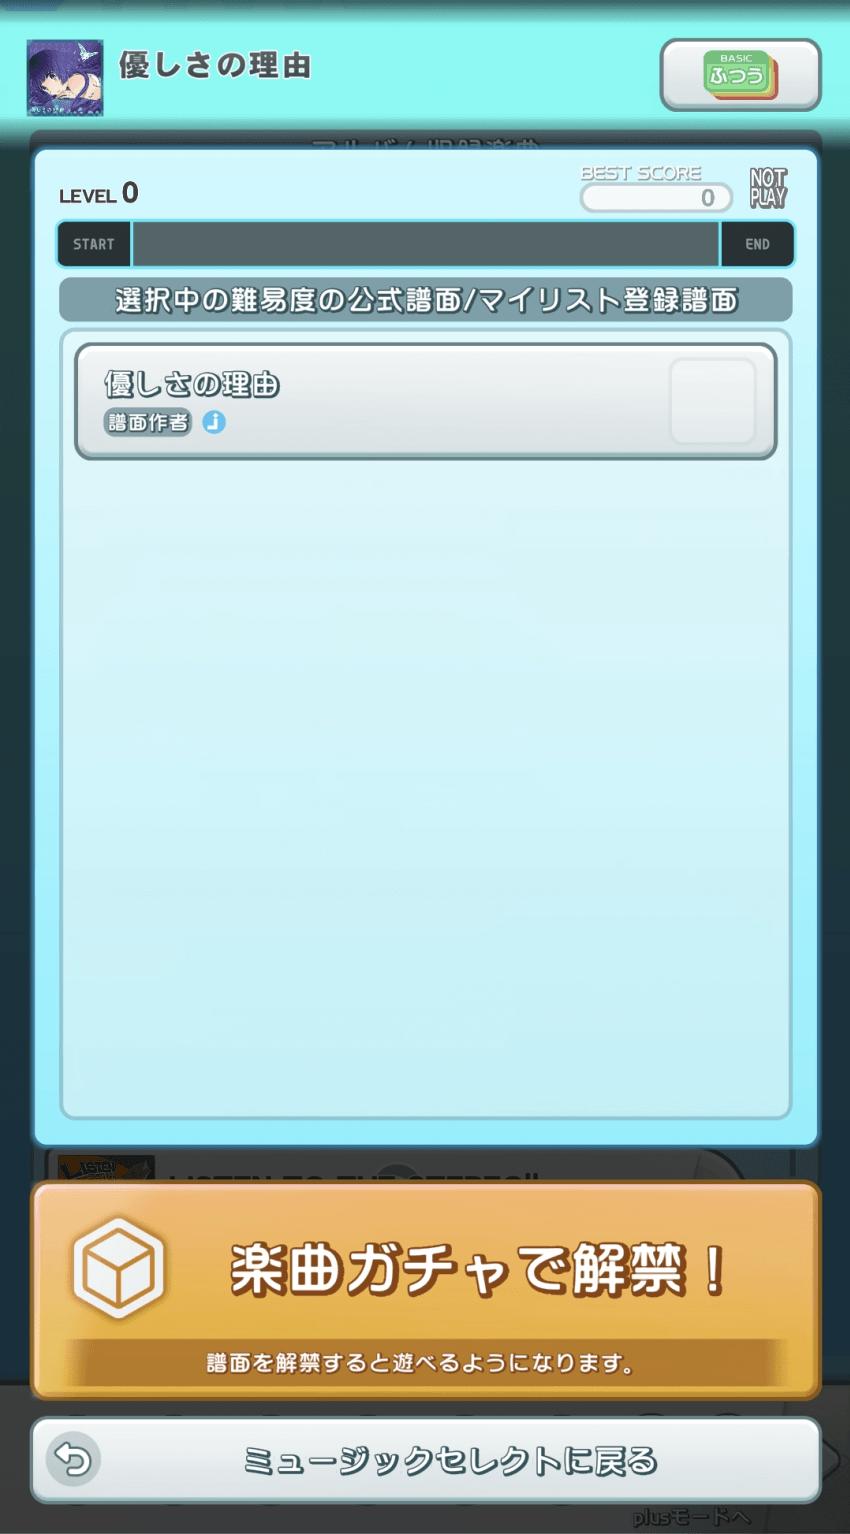 viewimage.php?id=2ab4c427e1dd2aa7&no=24b0d769e1d32ca73cec81fa11d02831ce3cef1b9542c00ceb084620f9a6823ae5a9987fbfedd9475c2bb5da4d28f59c7713fc8b356ad2d3b1f0098ebc8958696e8a01f1b074d159df147a8daa1fb463dc42e8771532ea6d4098bc8d125fbdc3fe6a24d467